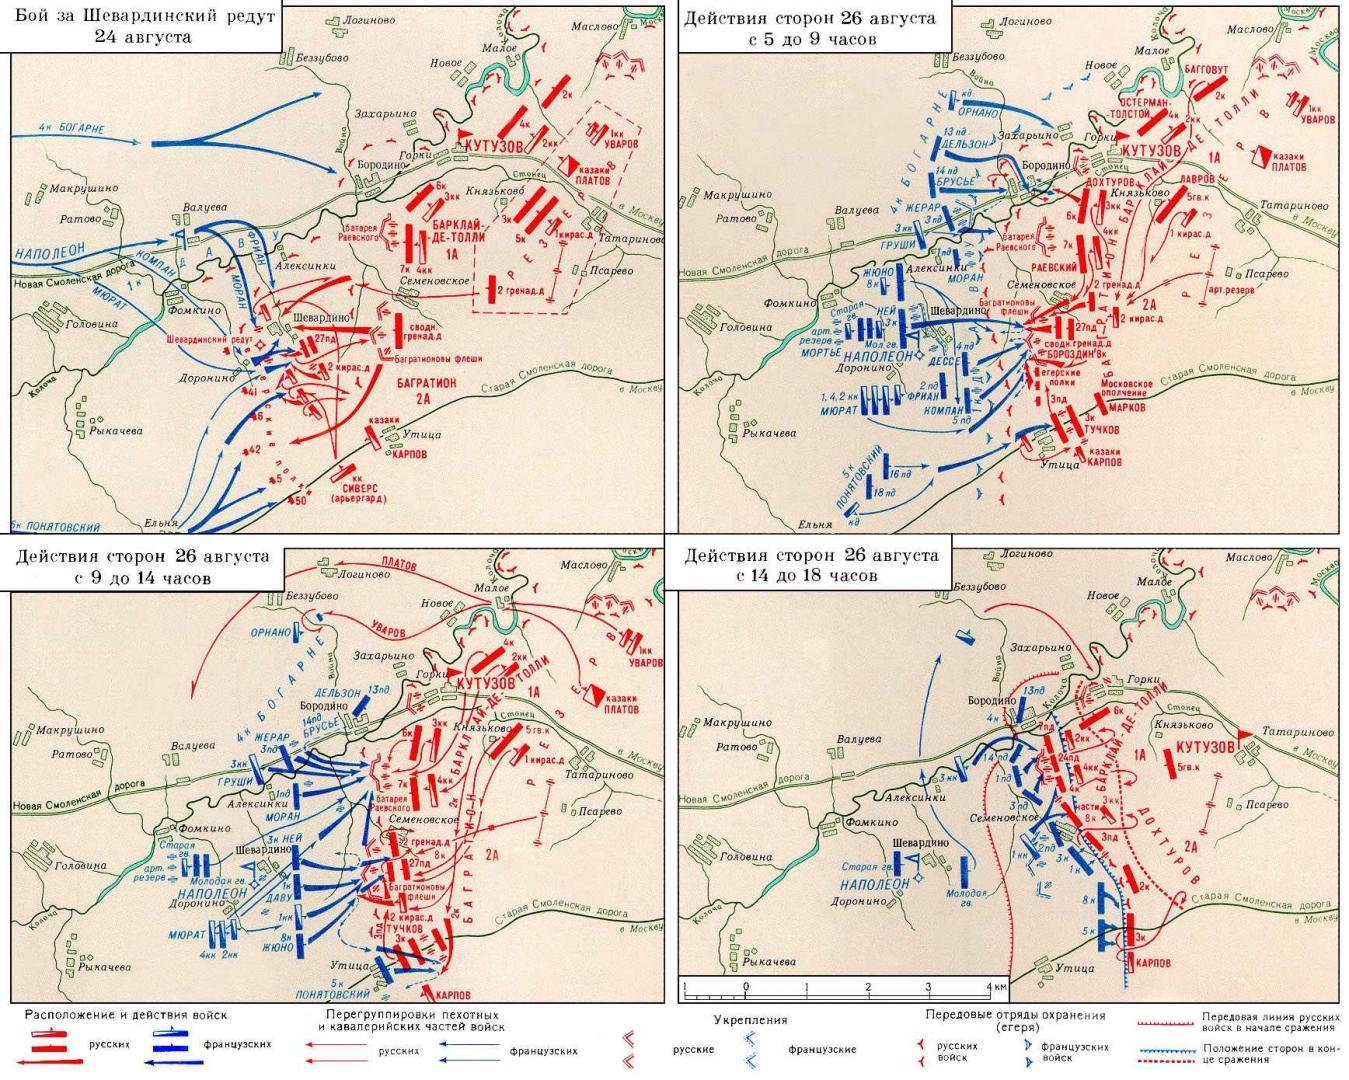 Бородинское сражение 1812 года схемы